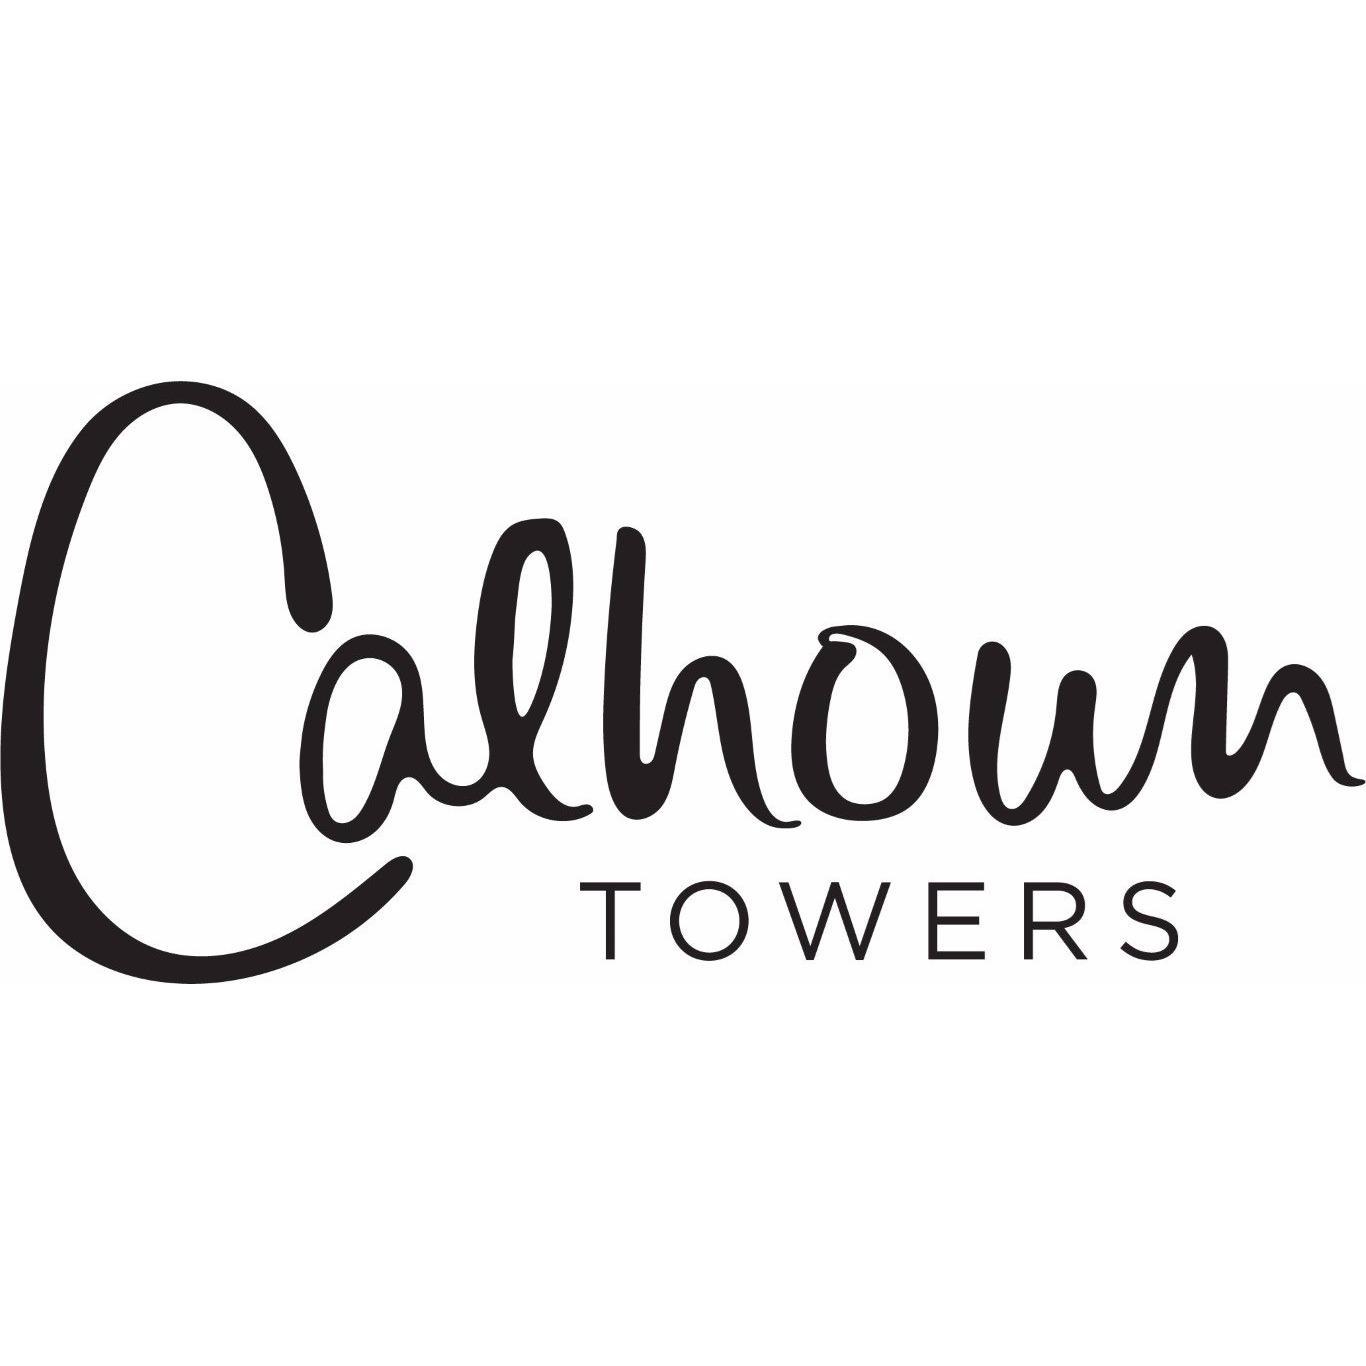 Calhoun Towers